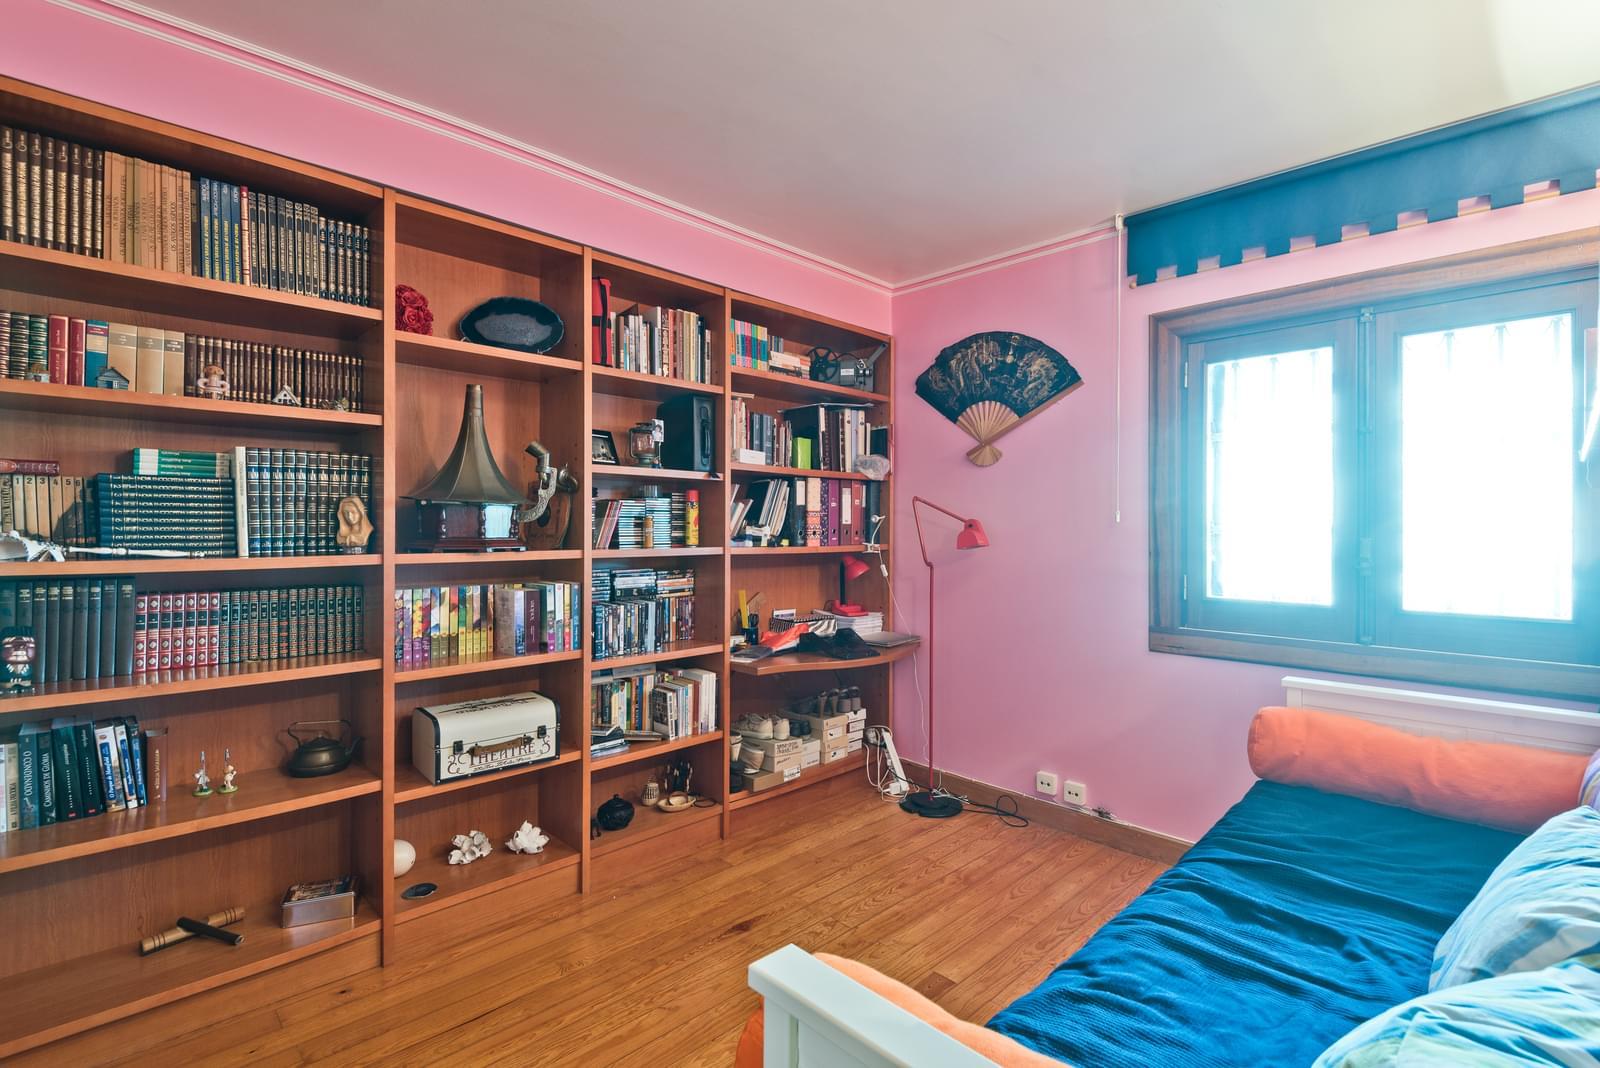 pf19112-apartamento-t3-cascais-06747ce1-30bd-45df-bef6-9a61f97c8f01